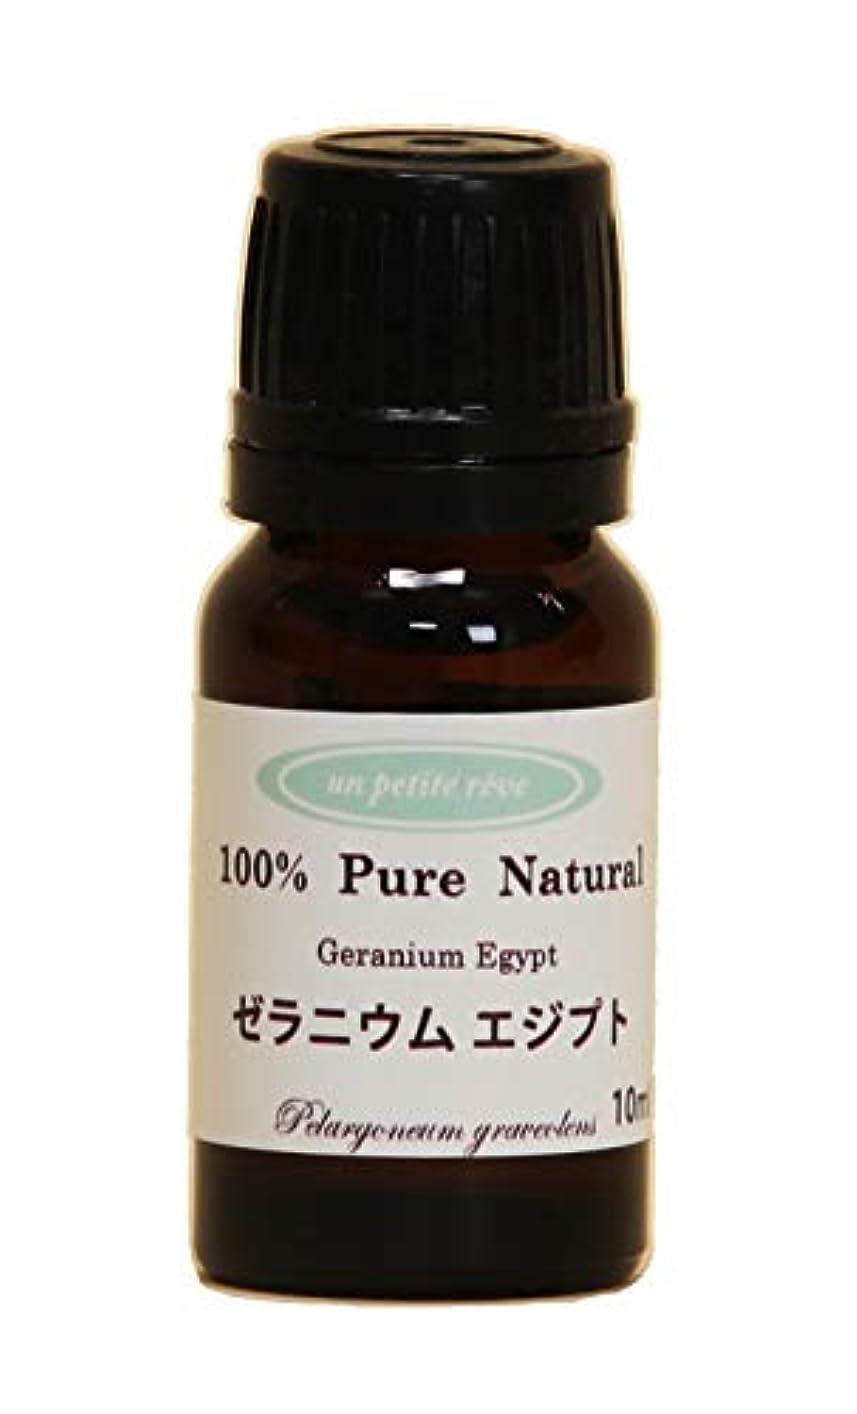 船尾ヘア学部長ゼラニウムエジプト 10ml 100%天然アロマエッセンシャルオイル(精油)